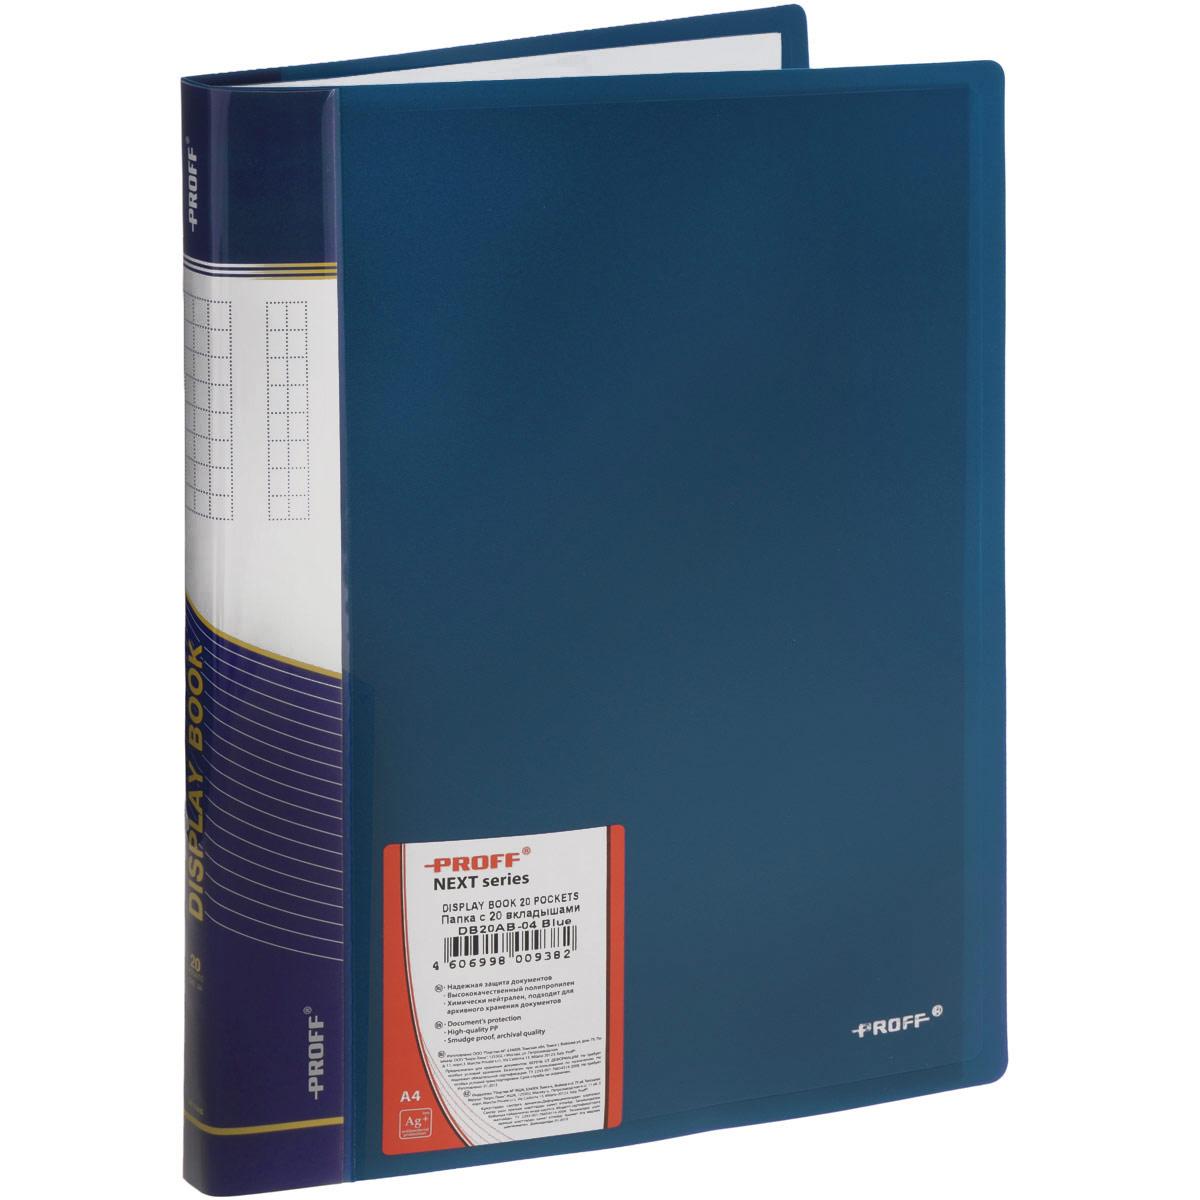 Proff Папка с файлами Next 20 листов цвет синийPP-220Папка с файлами Proff Next - это удобный и практичный офисный инструмент, предназначенный для хранения и транспортировки рабочих бумаг и документов формата А4.Обложка выполнена из плотного полипропилена. Папка включает в себя 20 прозрачных файлов формата А4.Папка с файлами - это незаменимый атрибут для студента, школьника, офисного работника. Такая папка надежно сохранит ваши документы и сбережет их от повреждений, пыли и влаги.